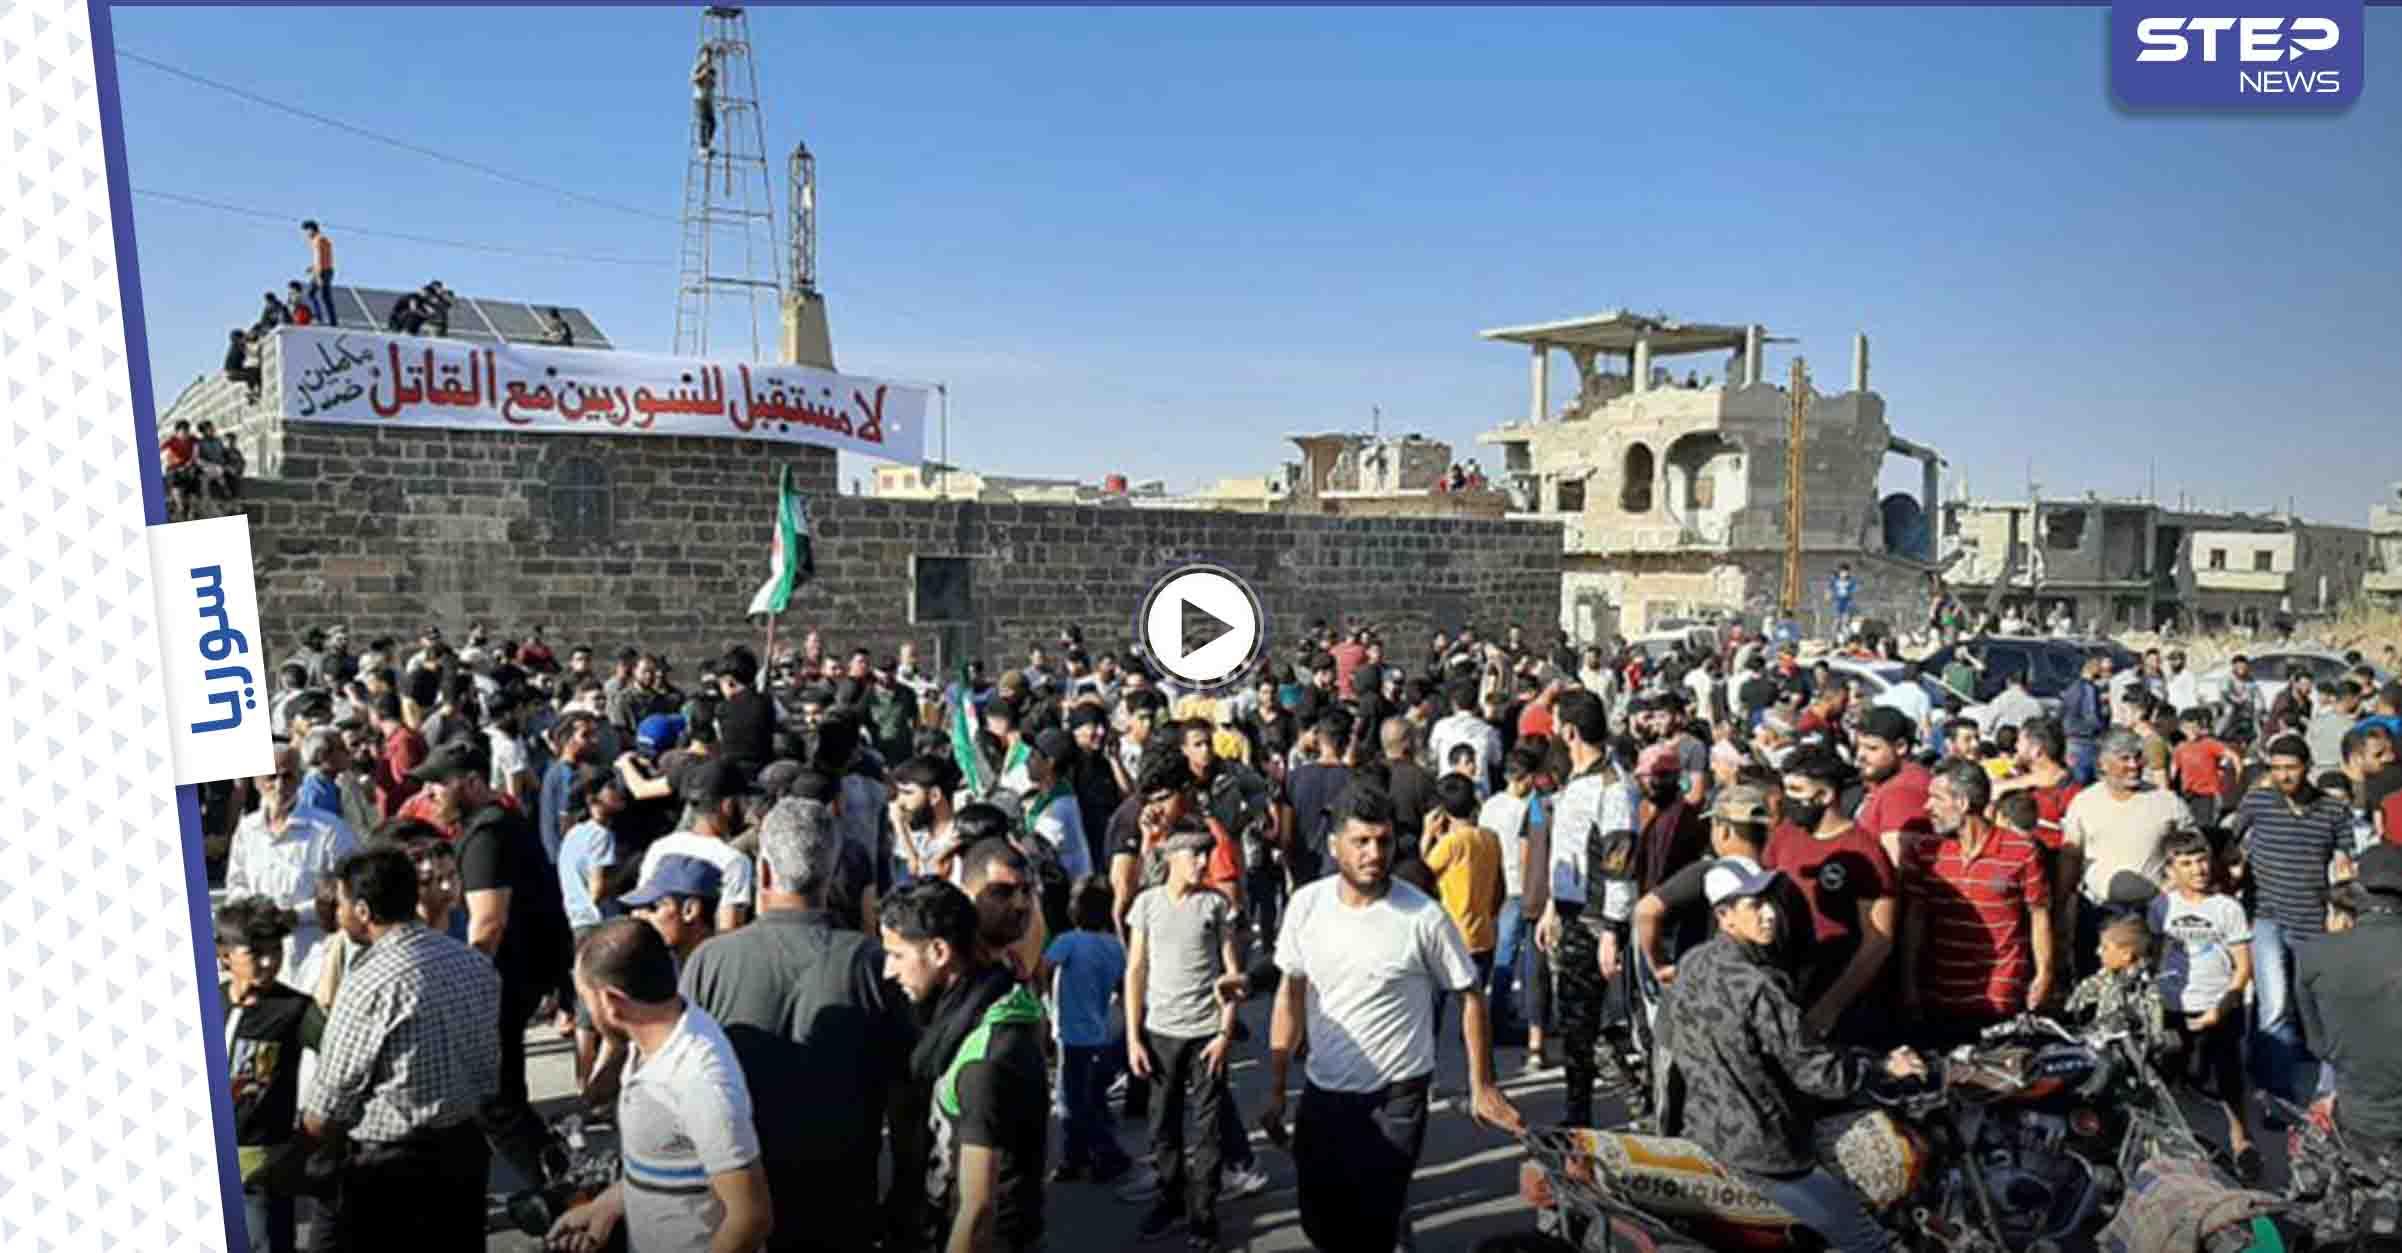 قوات النظام السوري تستهدف مظاهرة رافضة لـ الانتخابات الرئاسية بالرصاص الحي في درعا البلد موقعةً إصابات (فيديو)